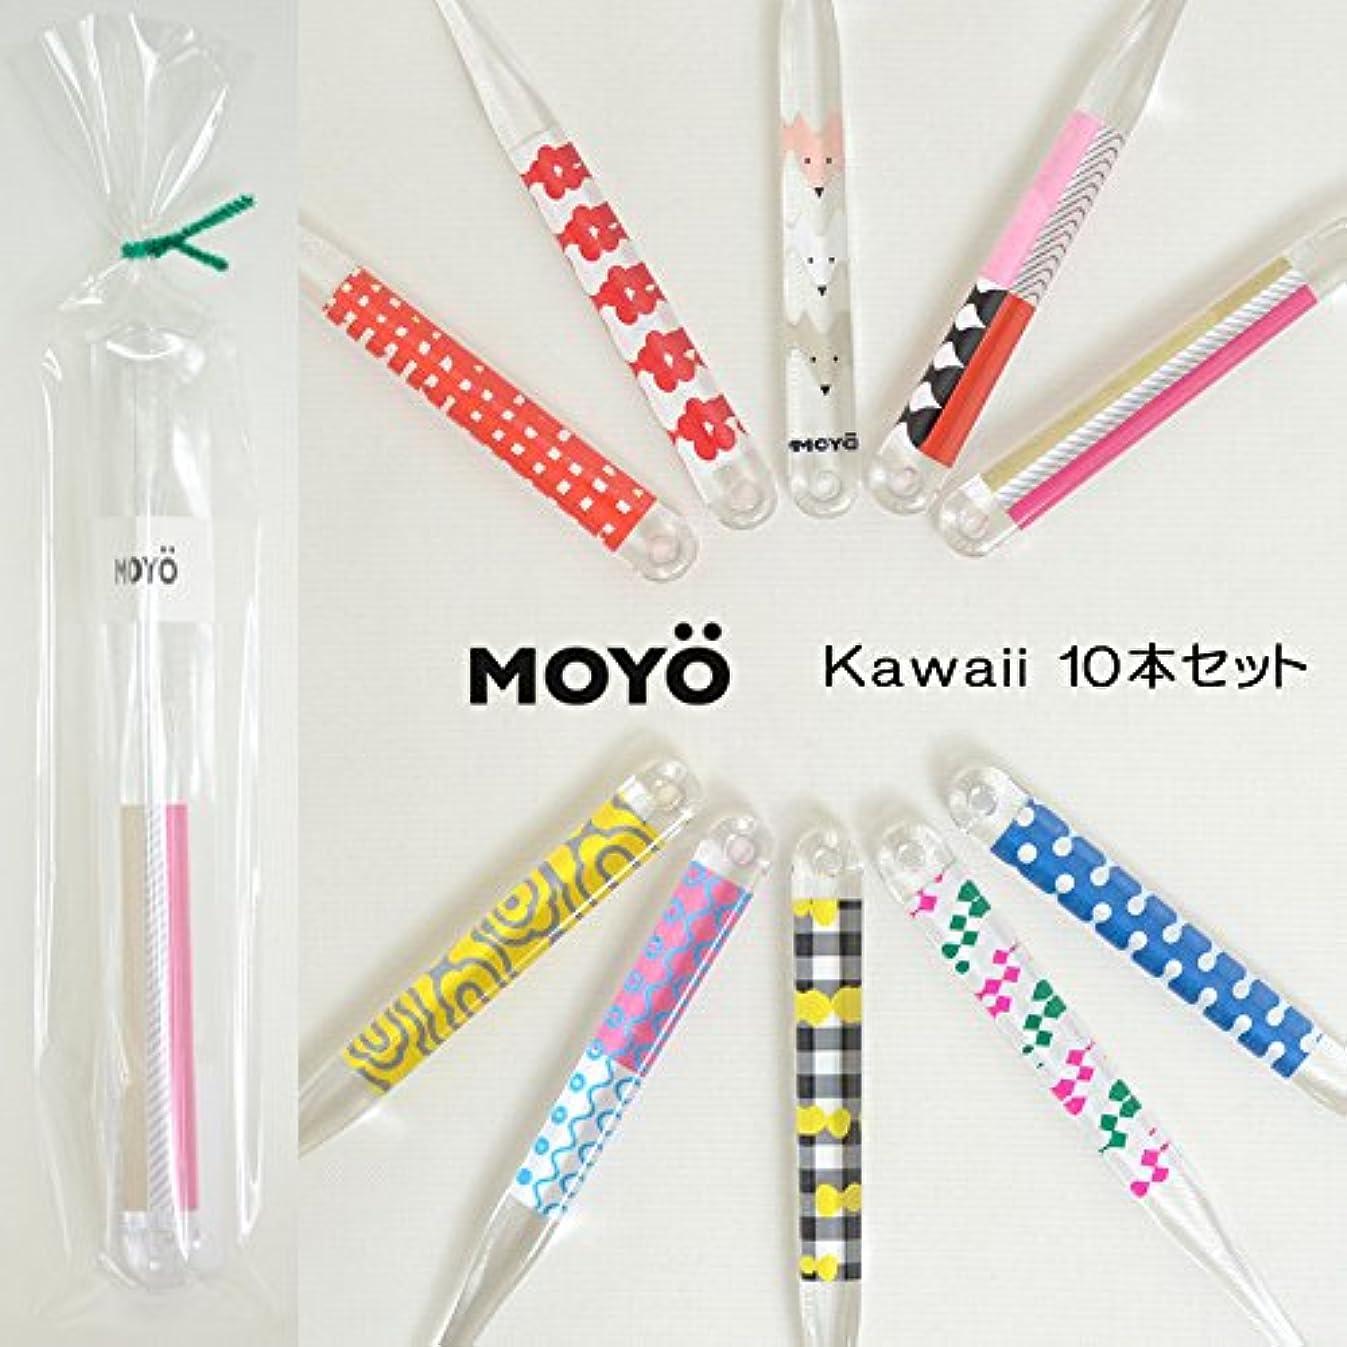 なくなるコメントカートンMOYO モヨウ kawaii10本 プチ ギフト セット_562302-kawaii2 【F】,kawaii10本セット